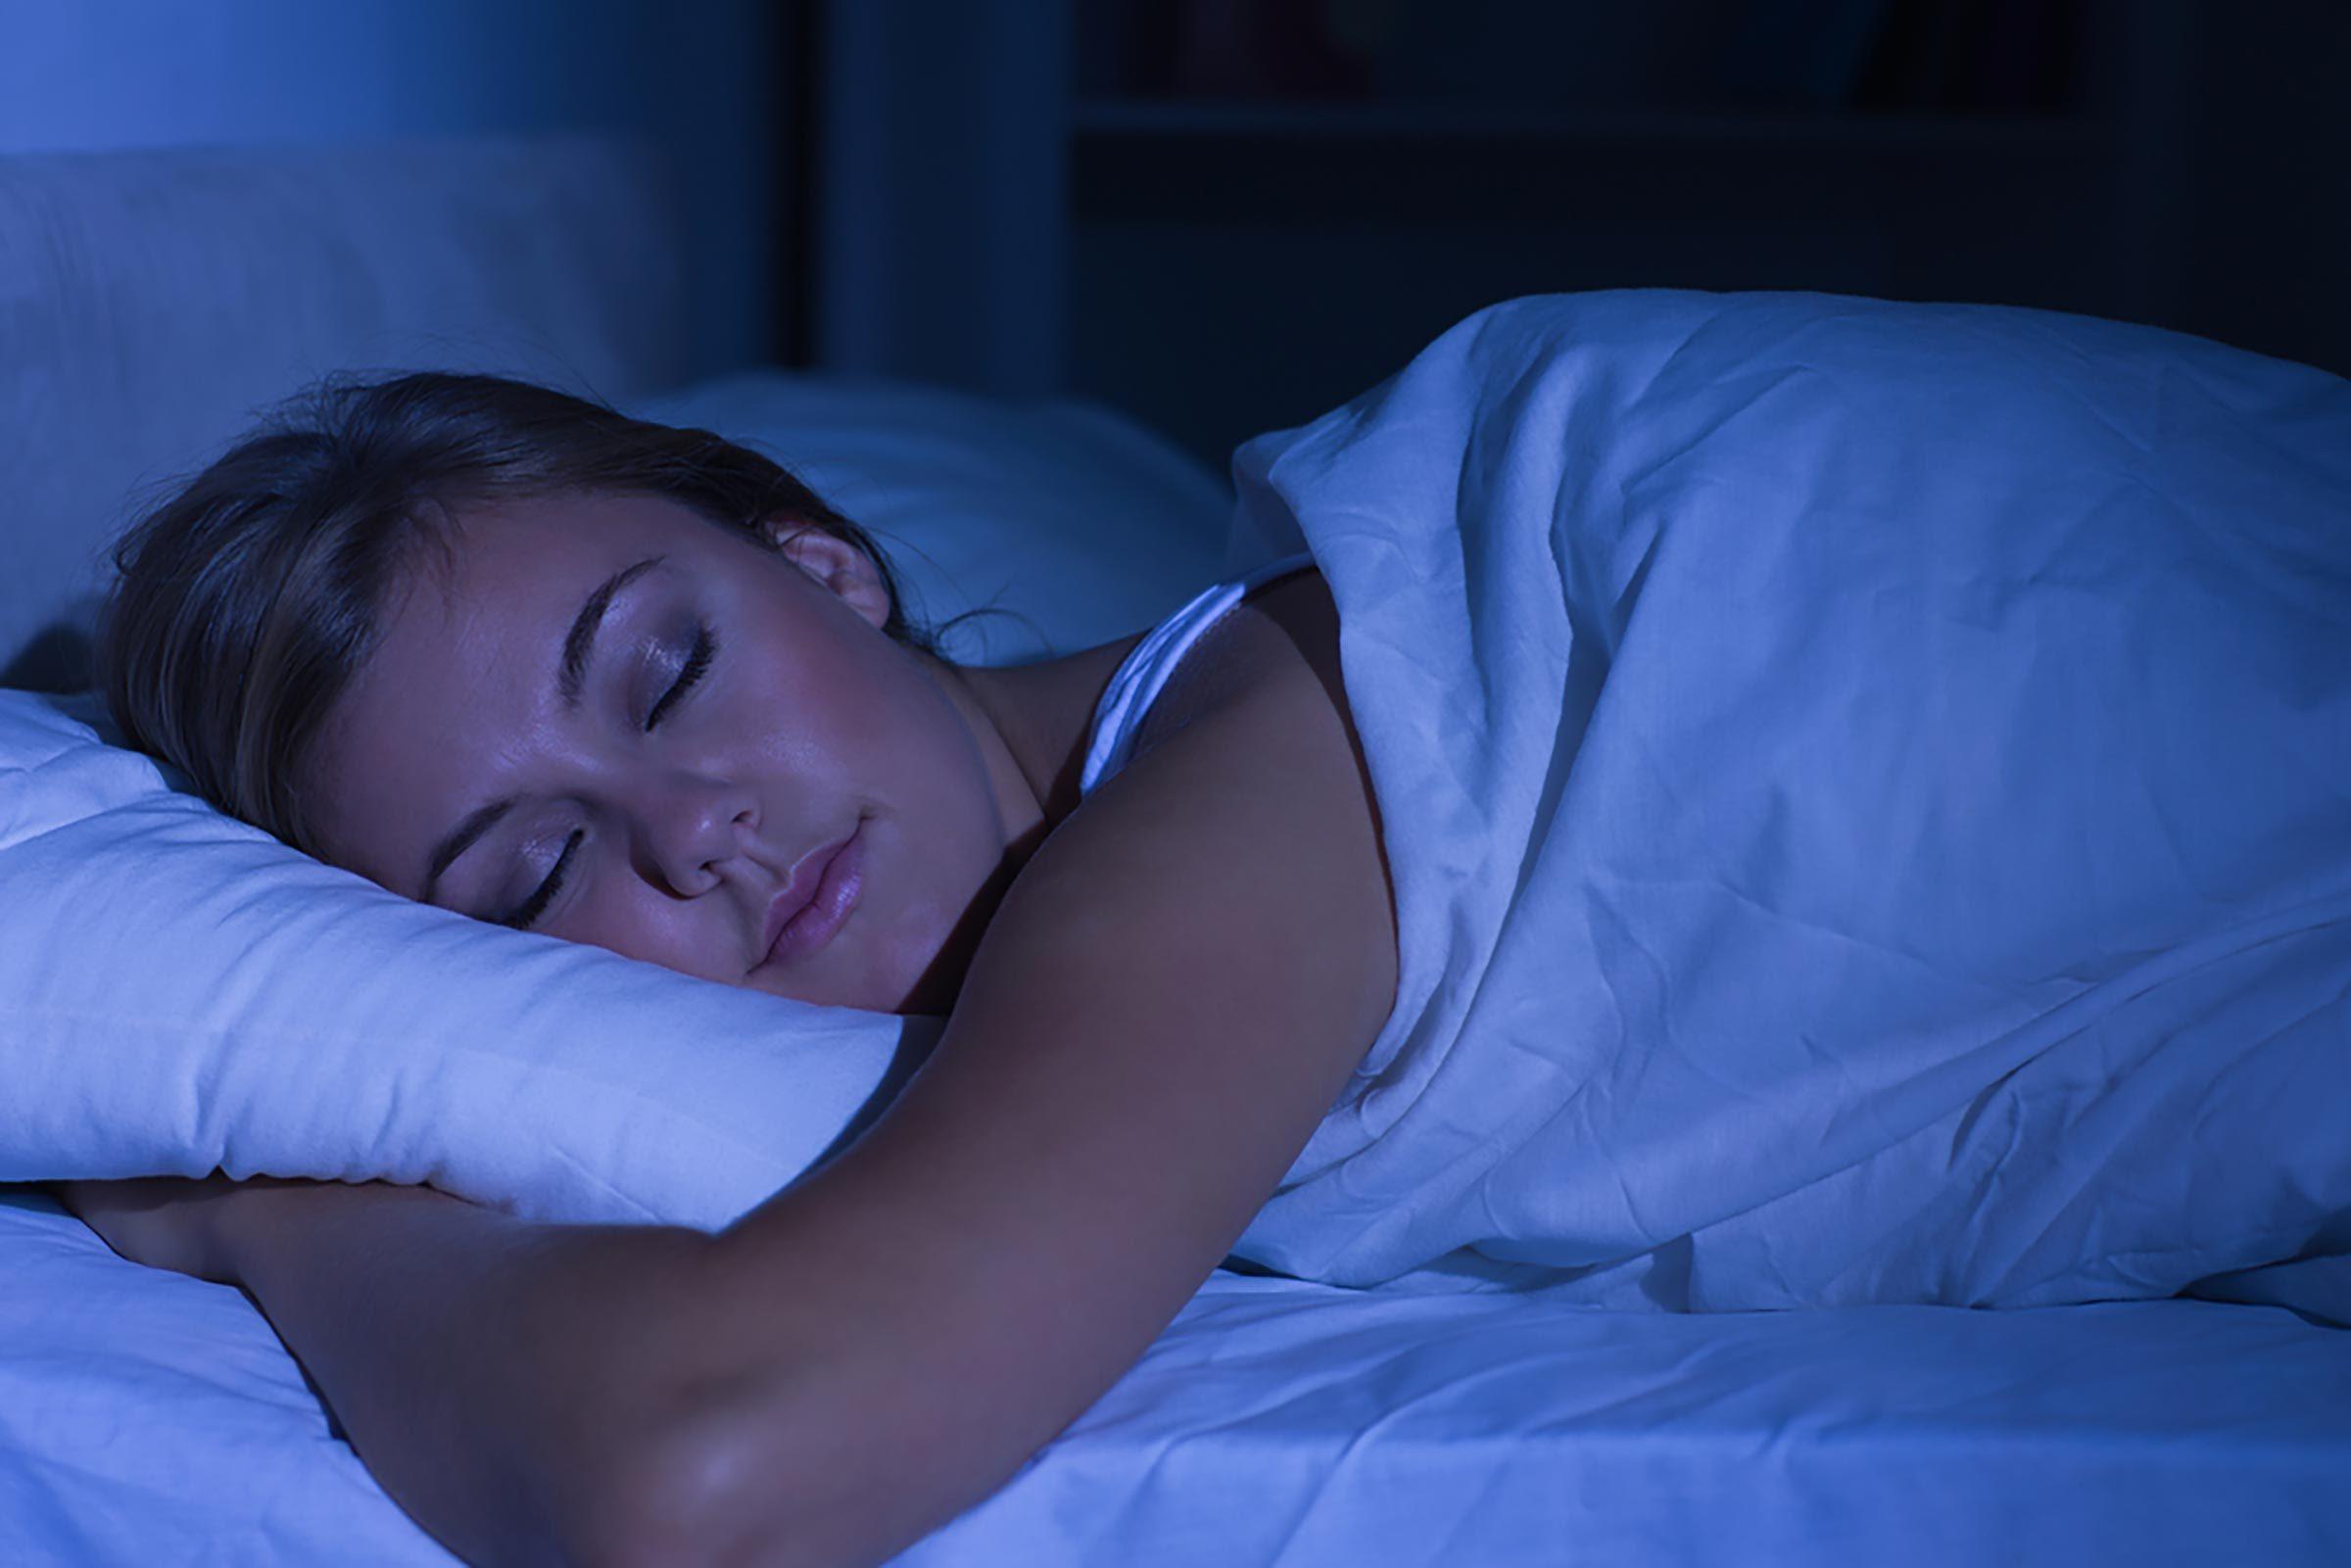 Conseil santé : aller au lit à la même heure chaque soir